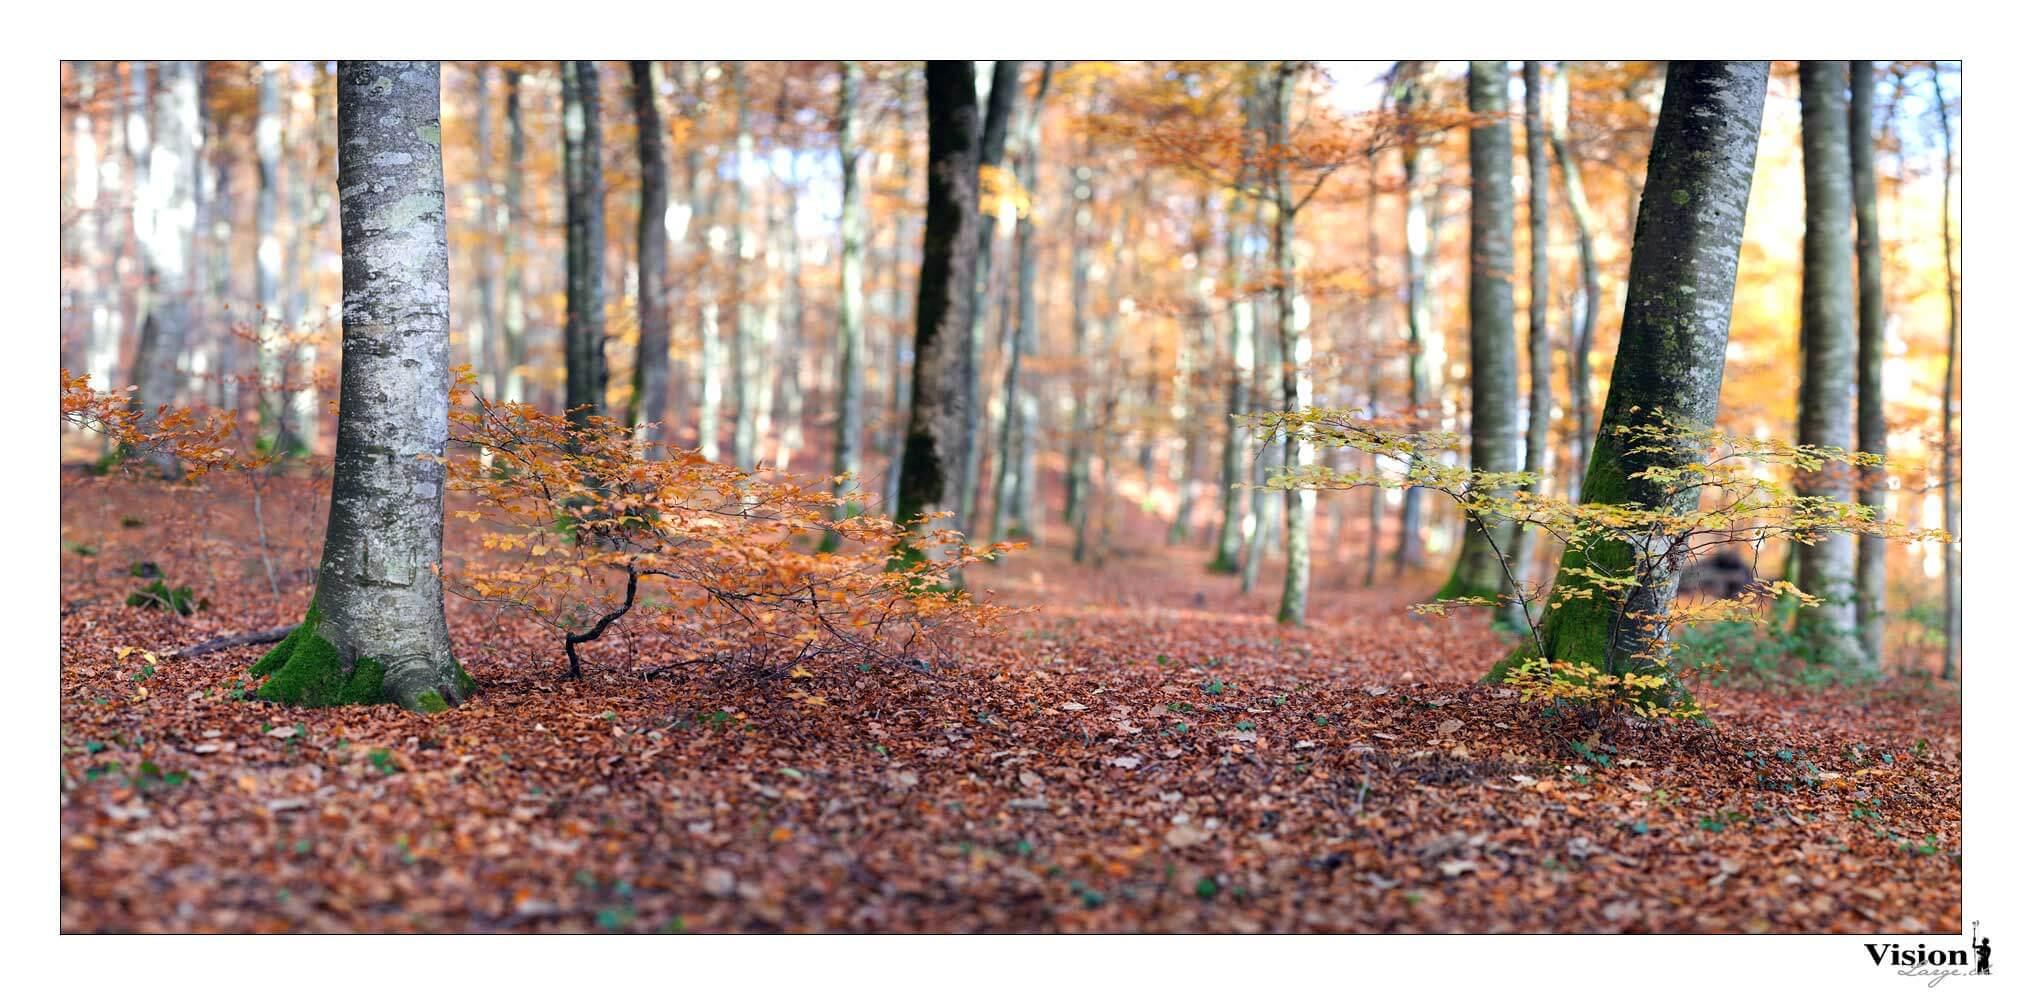 automne, couleurs automnales